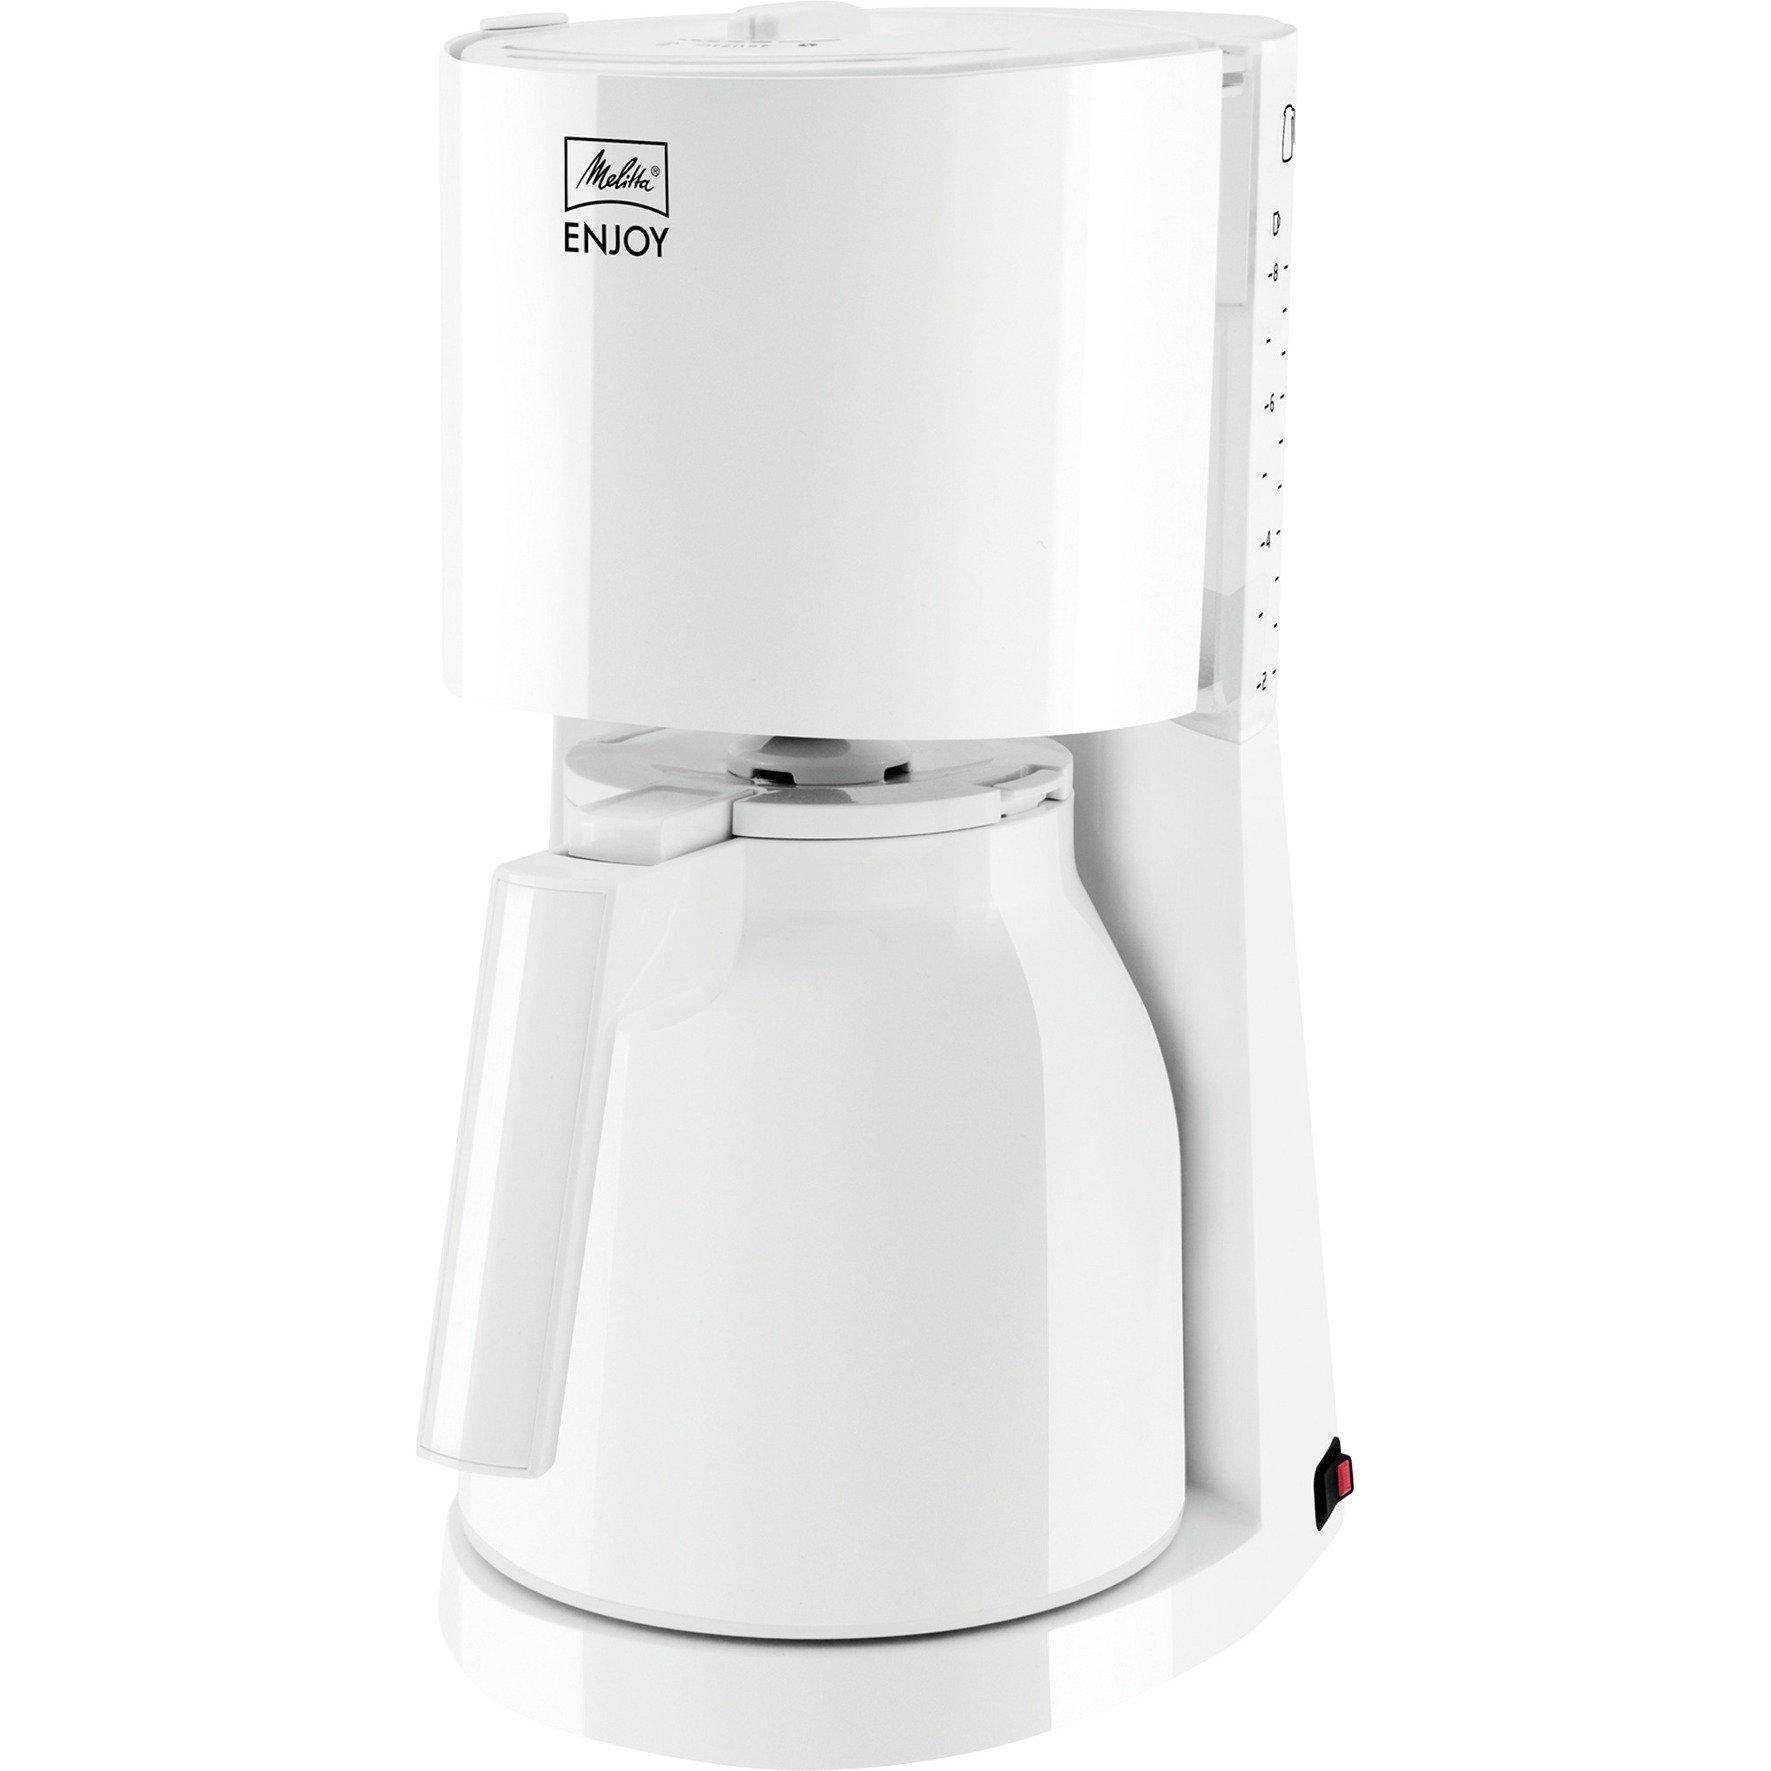 1017-05 Independiente Cafetera de filtro Blanco 8 tazas